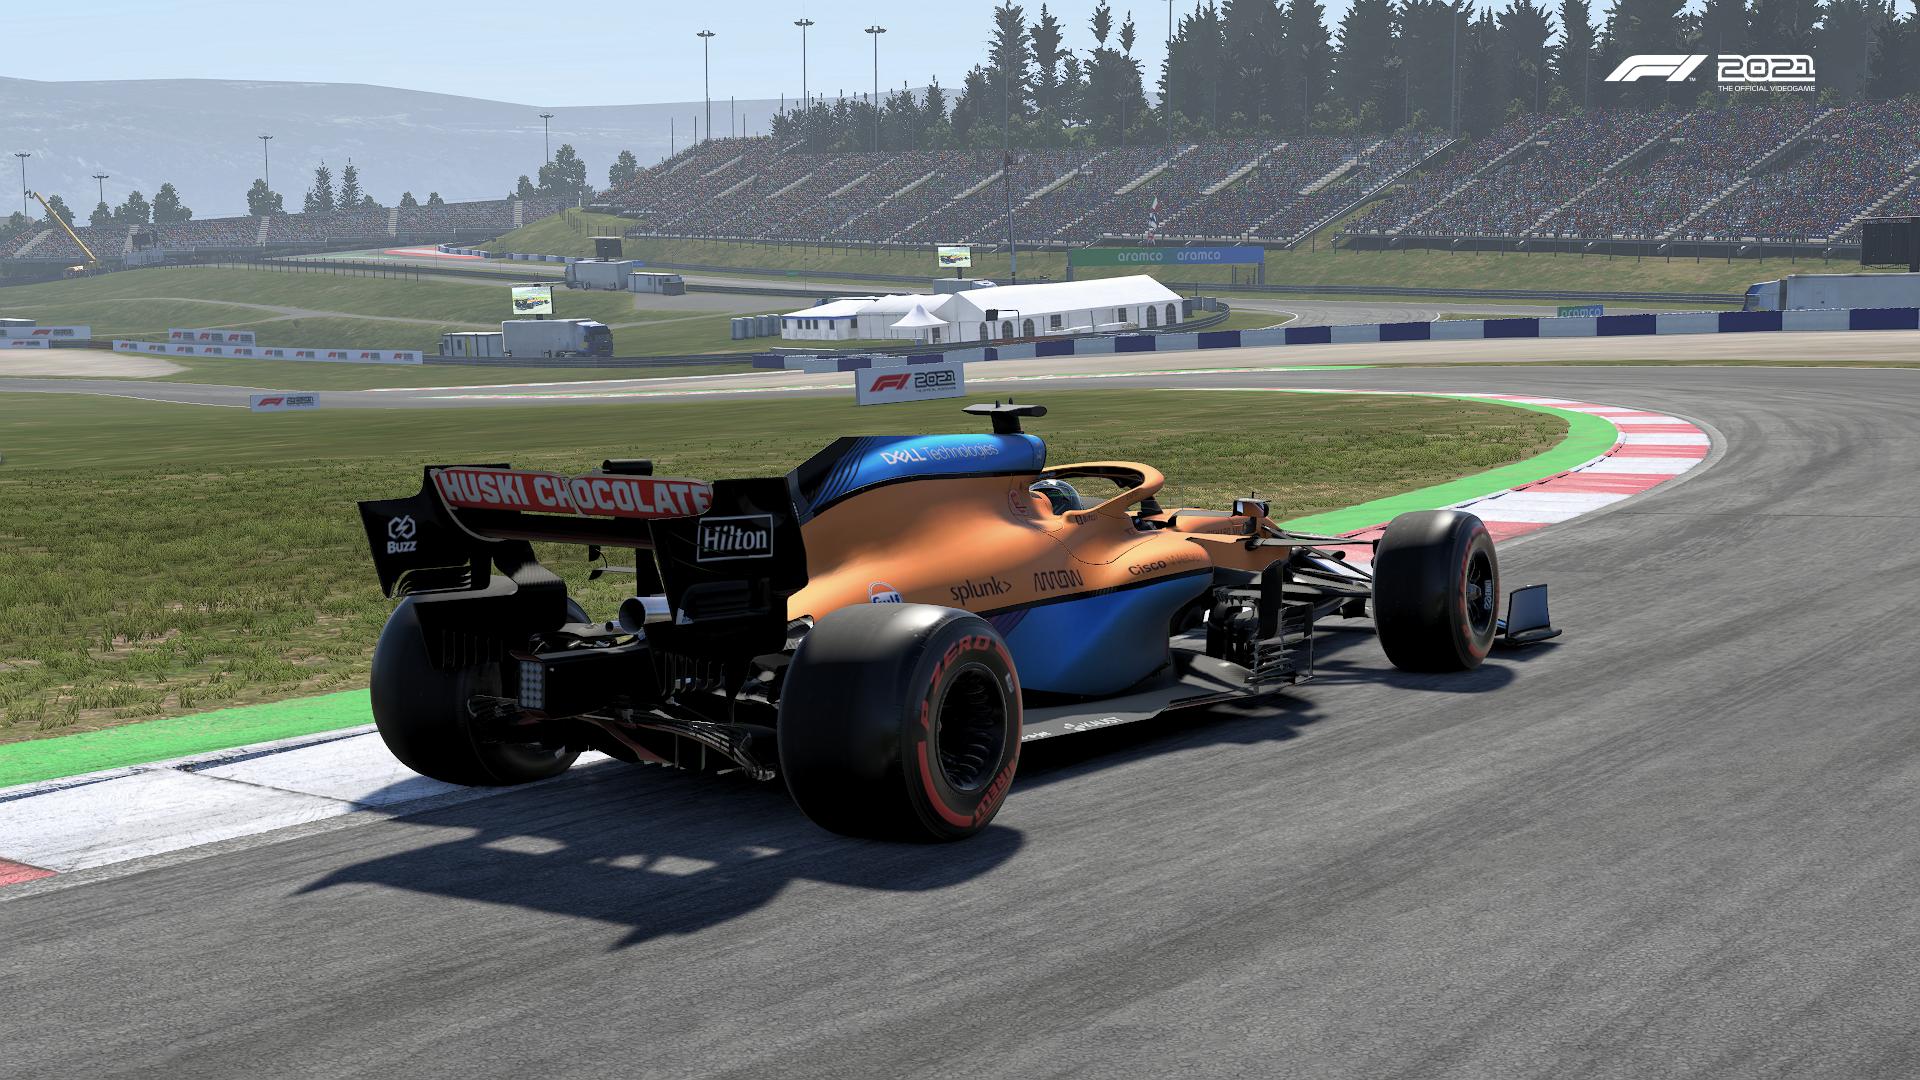 F1 2021 Mclaren Austria Pic